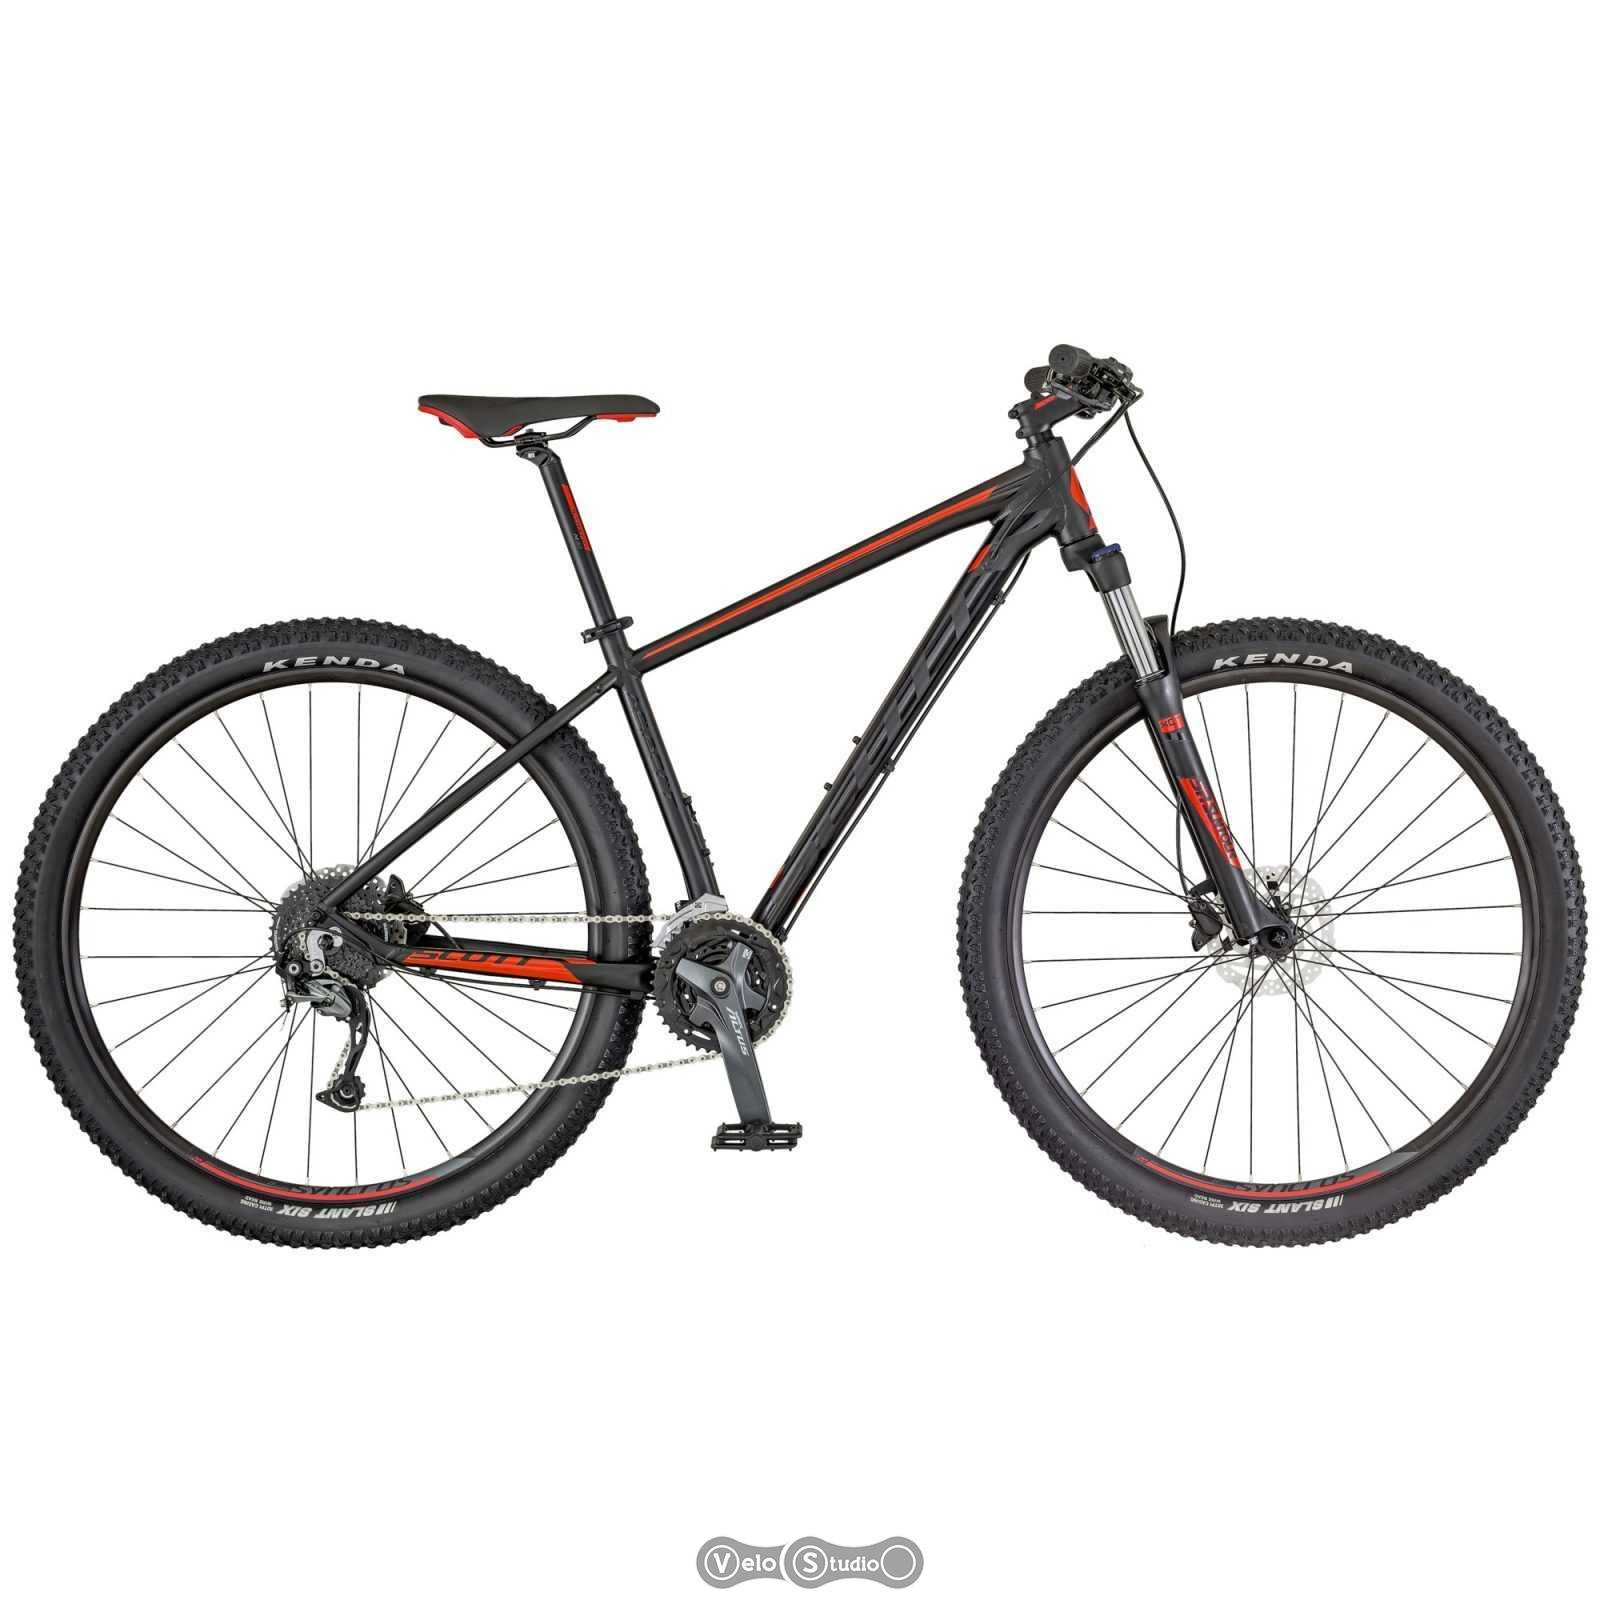 Scott Aspect 740 модель 2018 года 27,5 дюймов красный